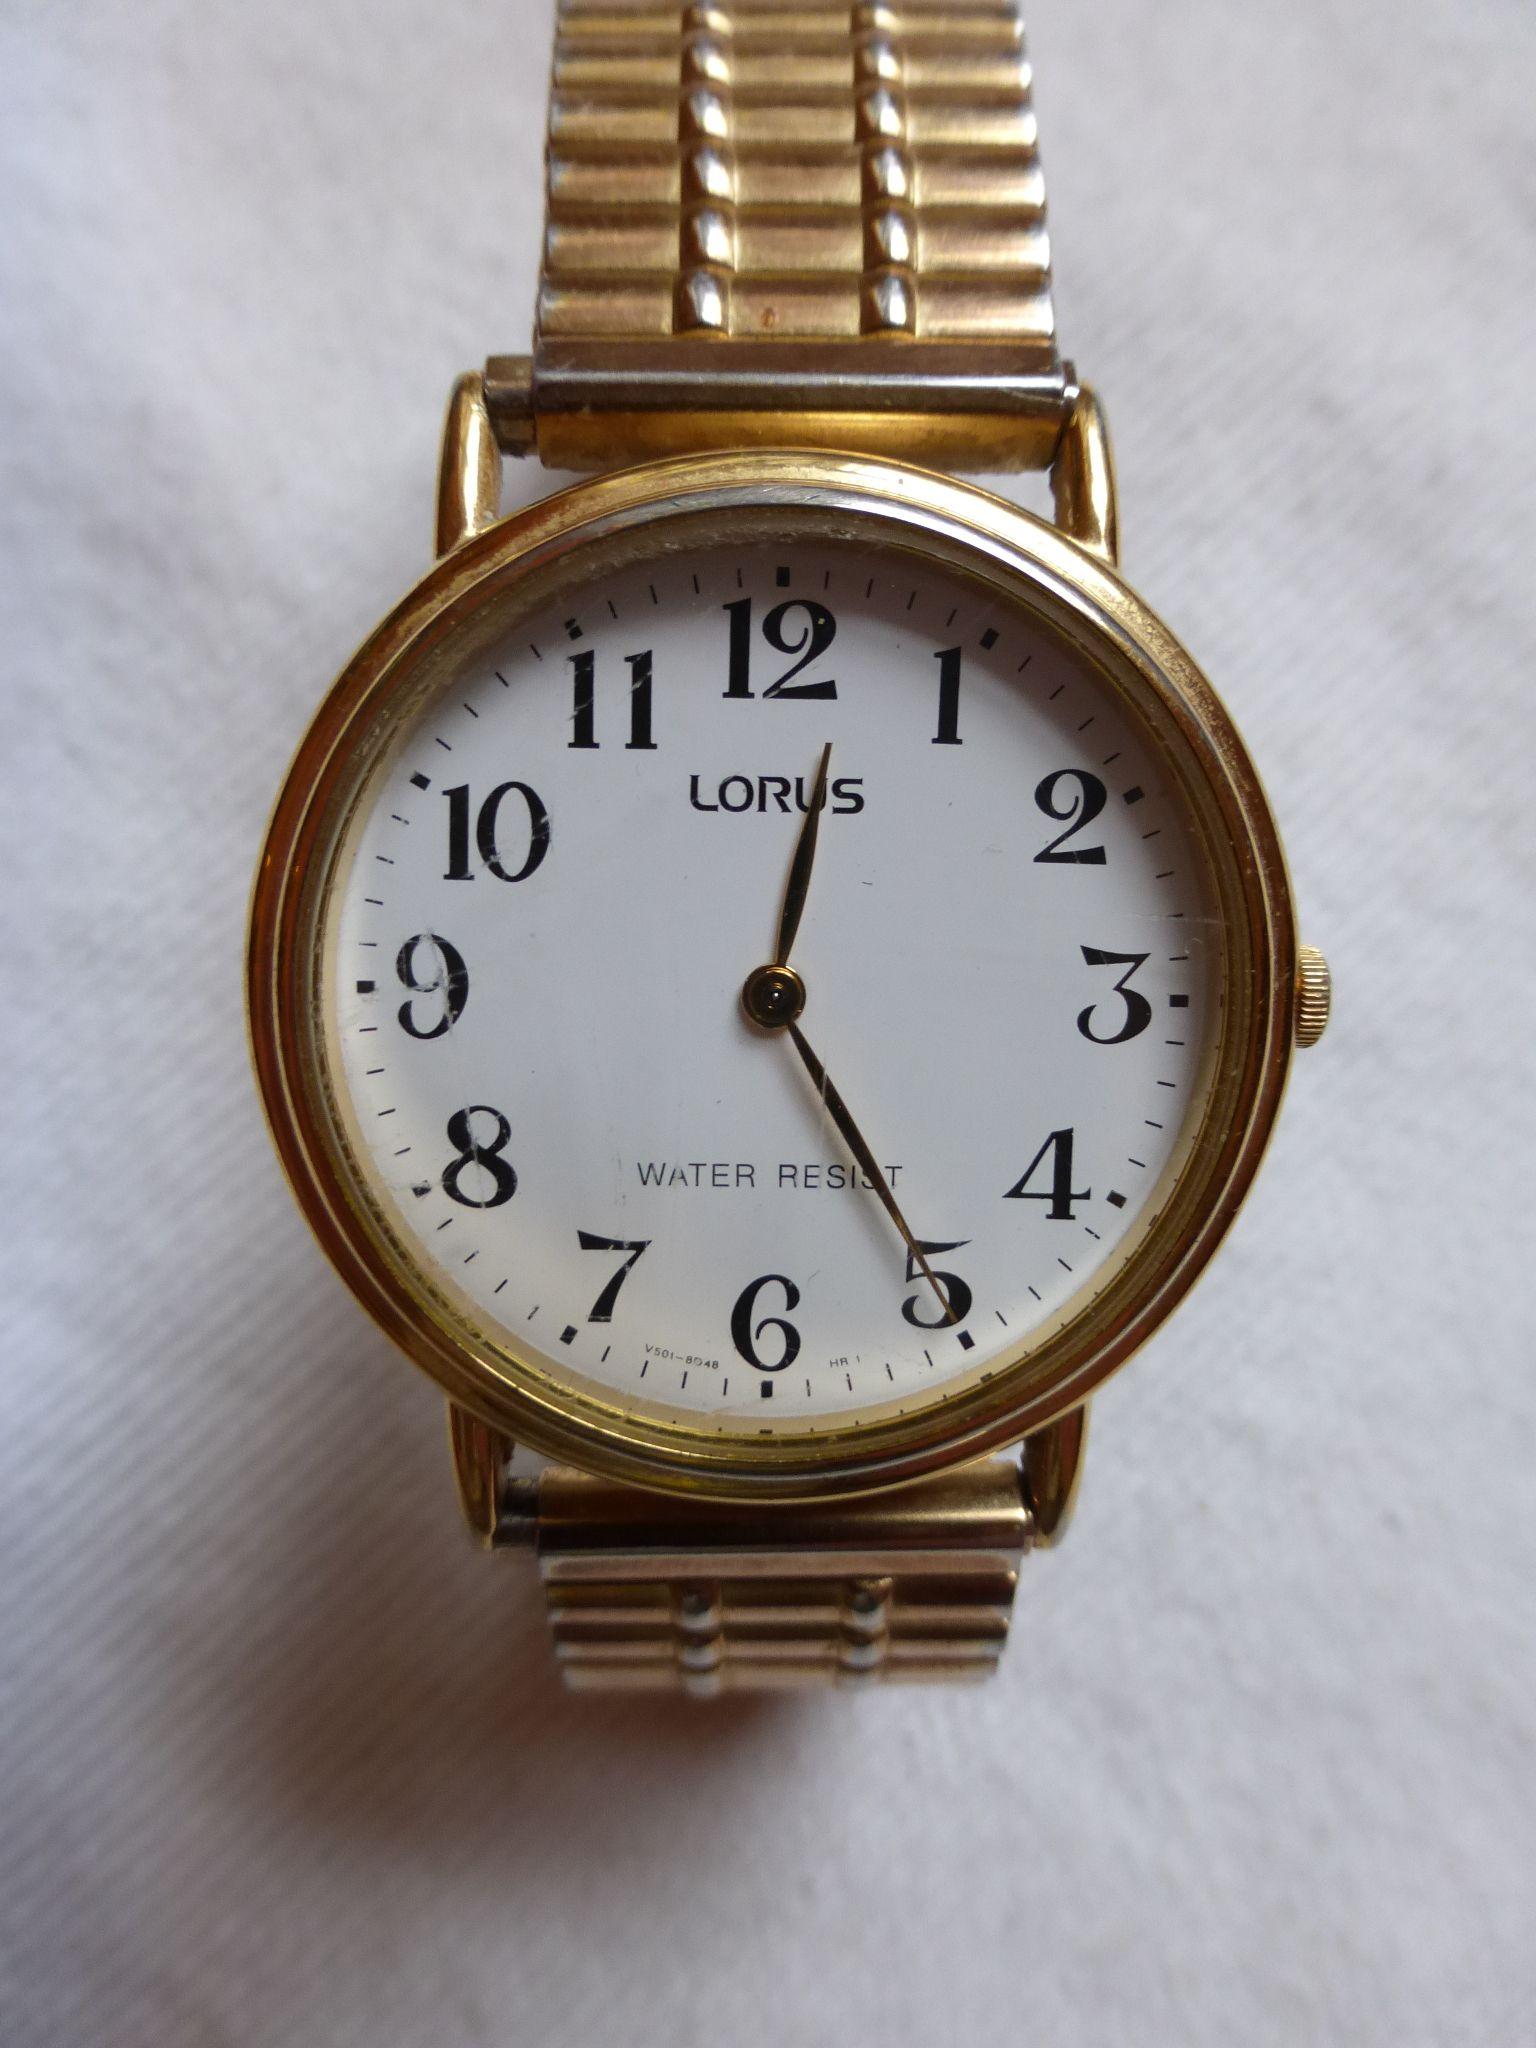 Lorus by Seiko retro quartz watch | Vintage watches, Retro ...